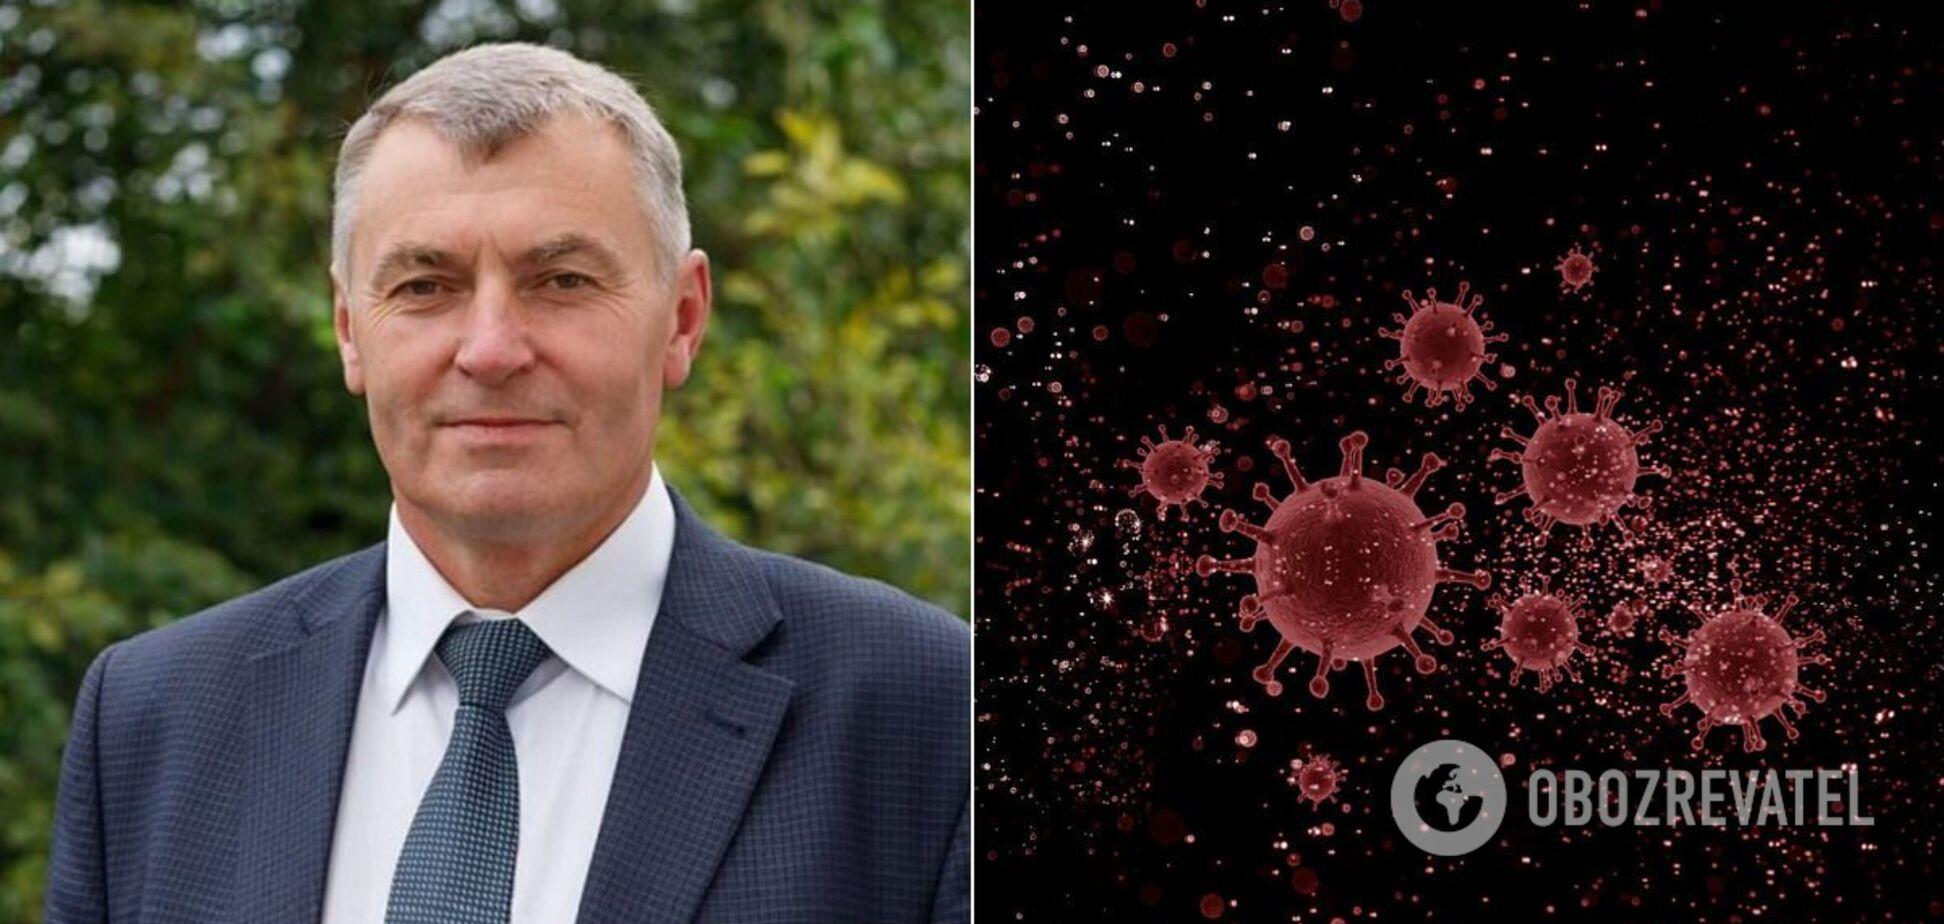 Александр Луговой умер от осложнений в результате коронавируса